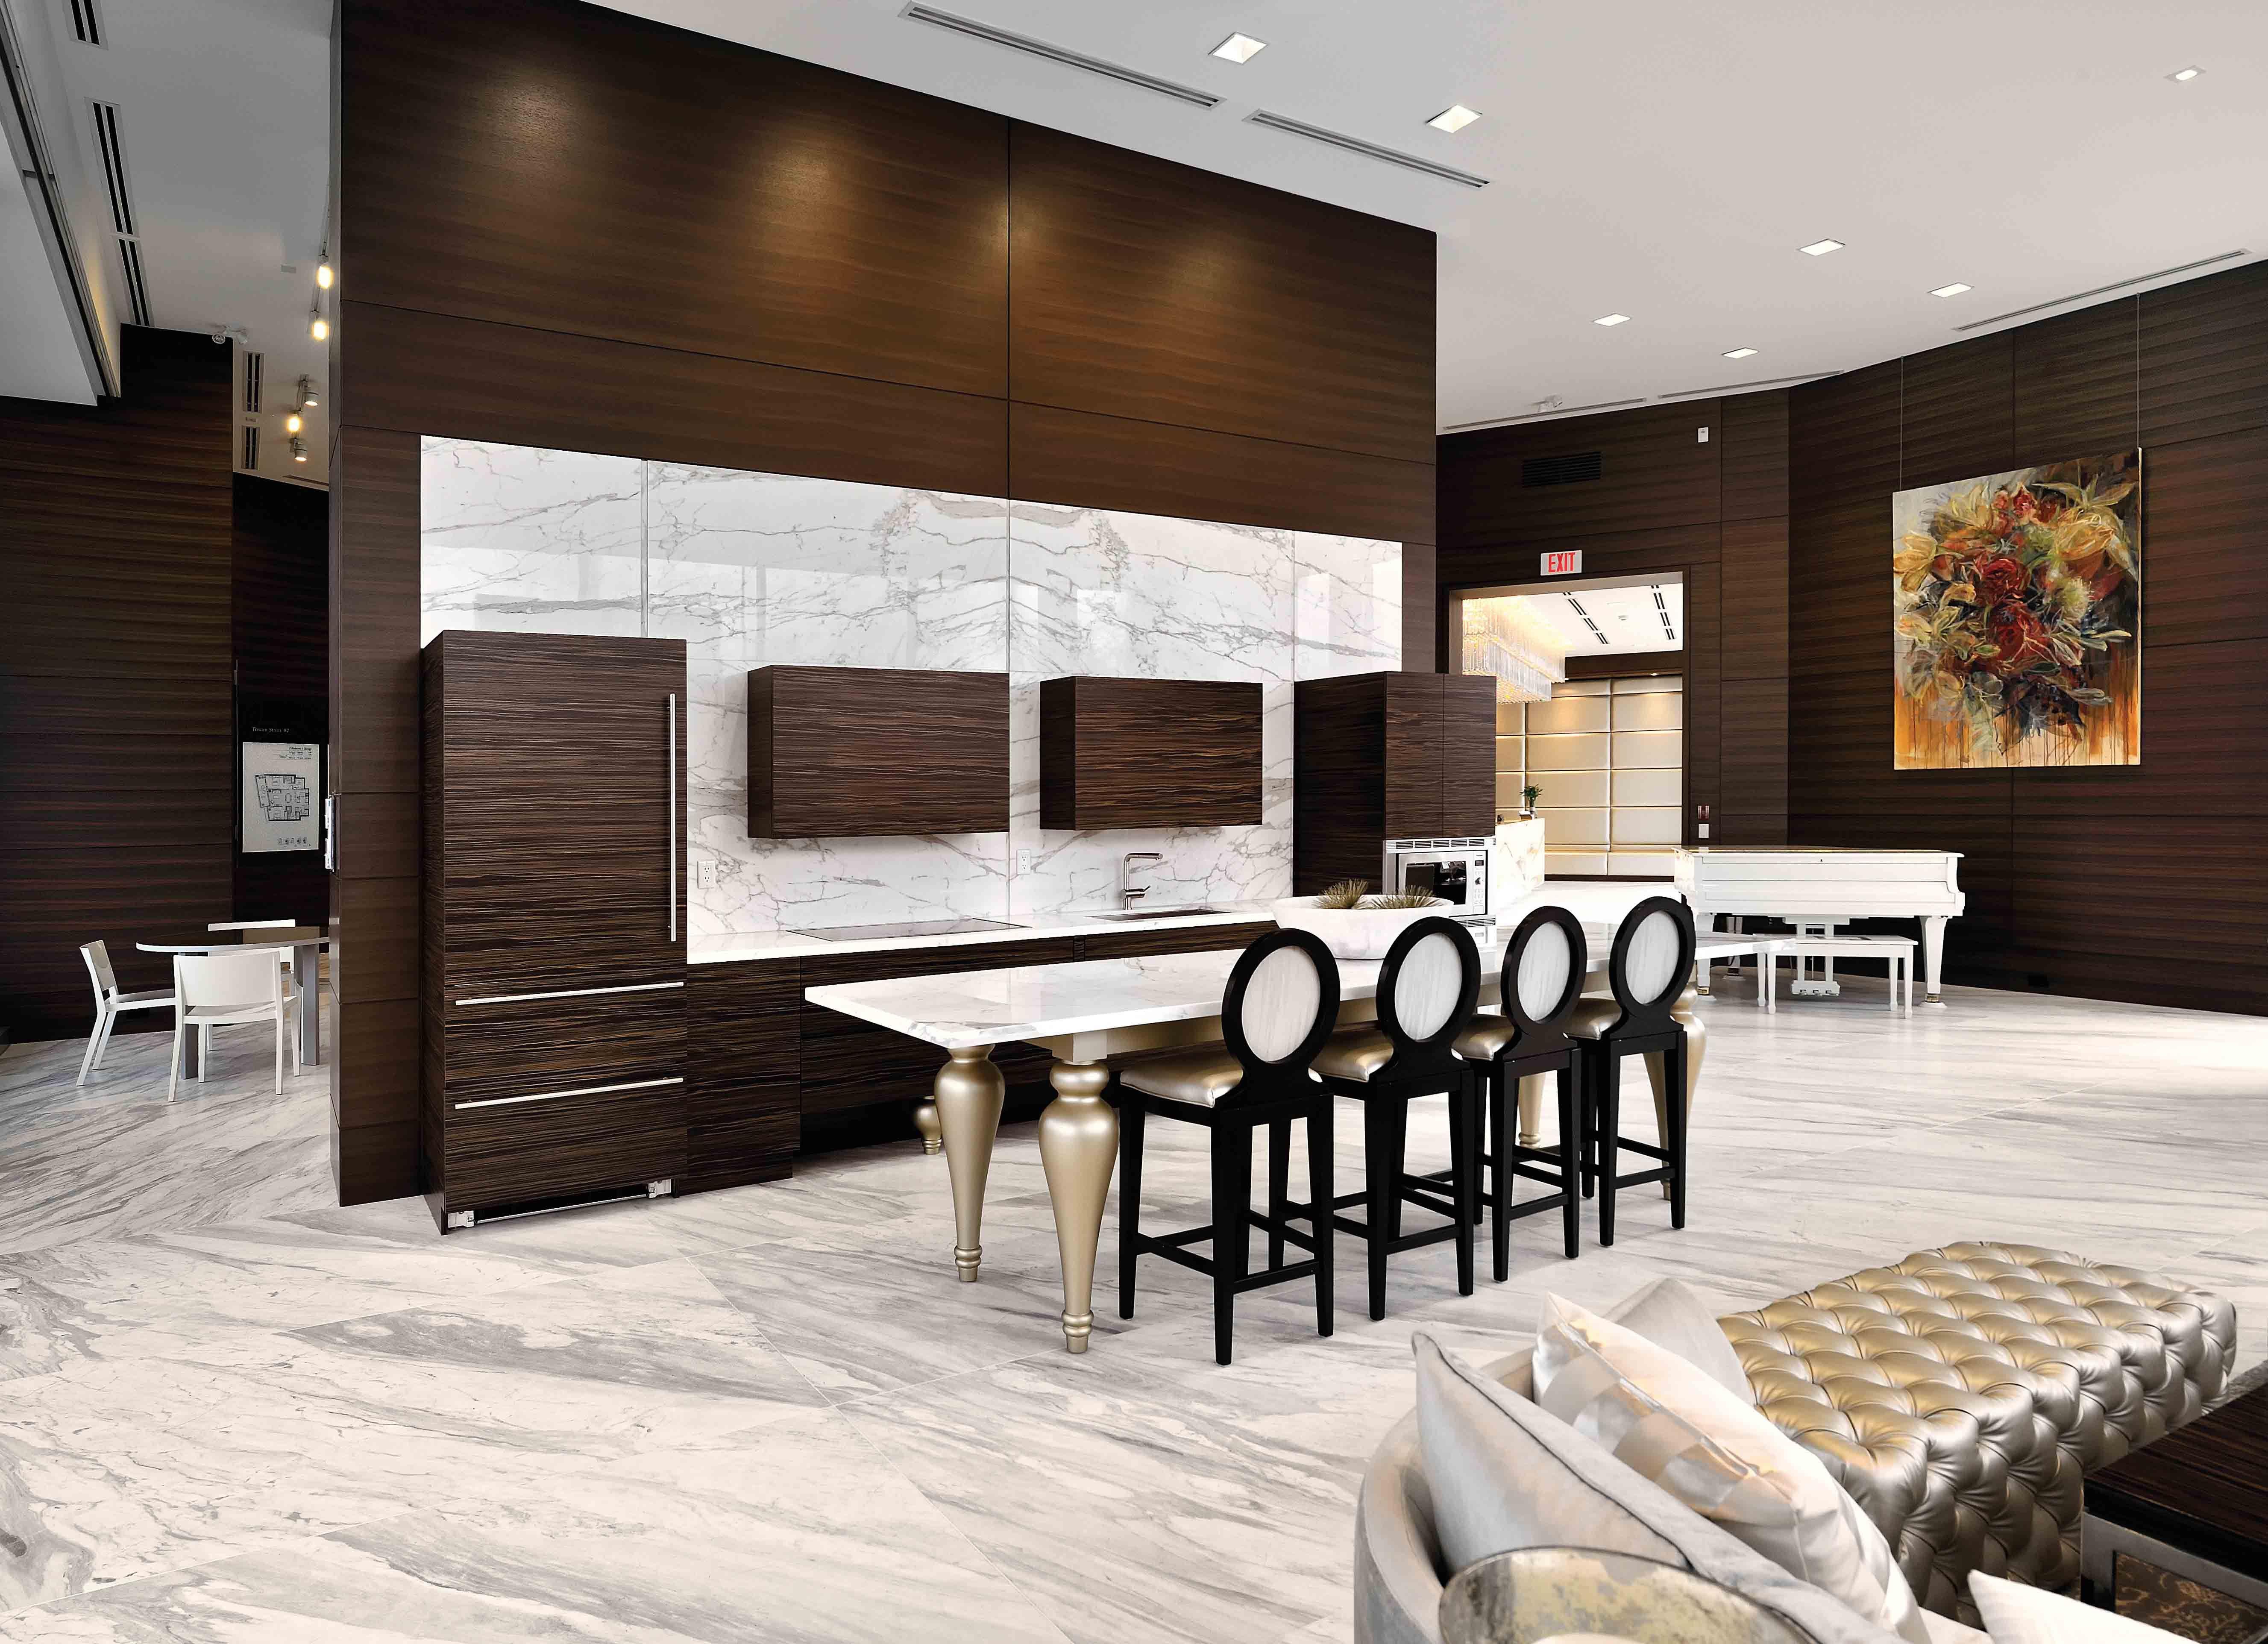 Concord Pacific Presentation Centre  Furniture & Architectural Woodwork by Seagull Enterprises LTD  www.seagull.ca